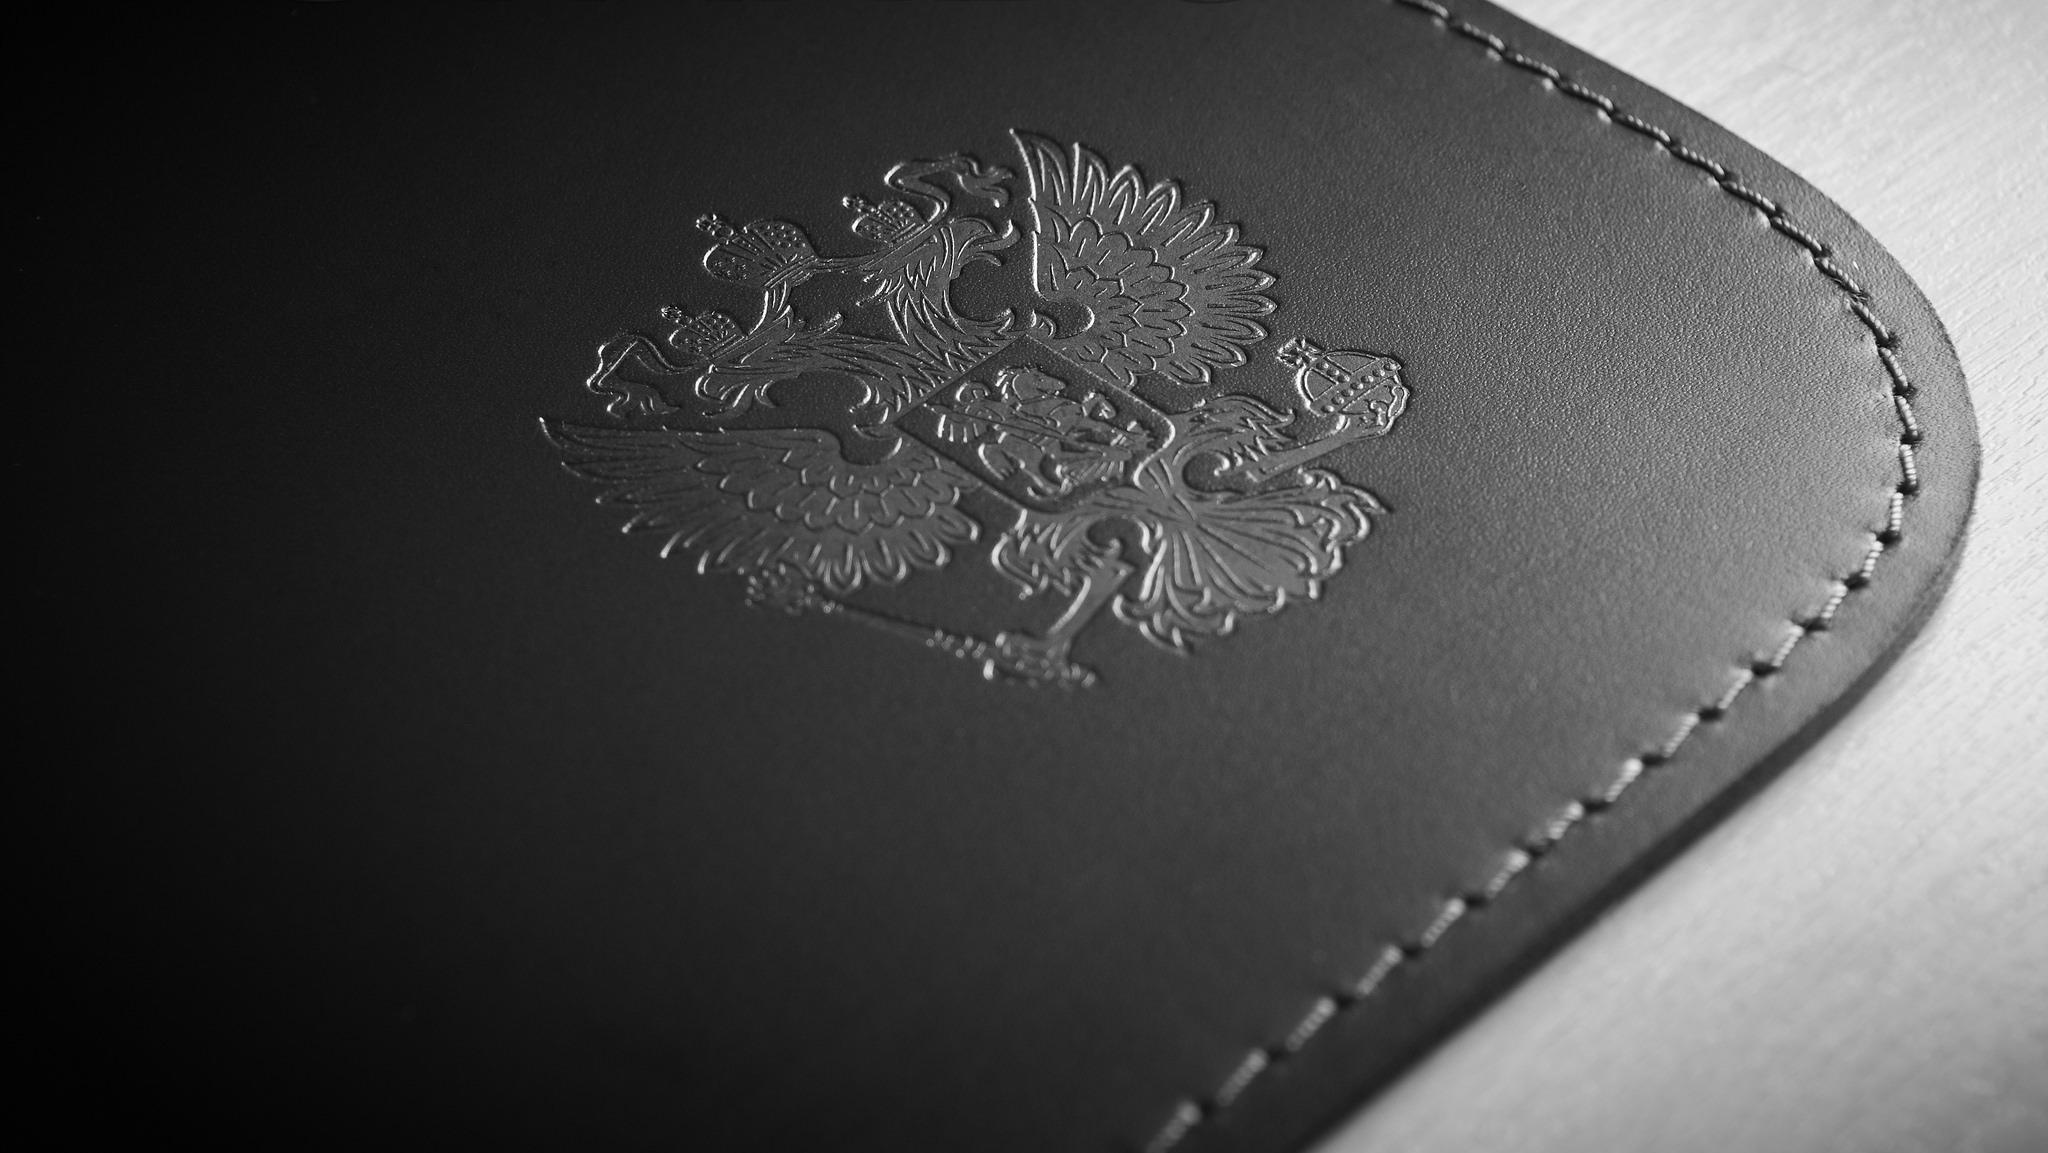 Образец тиснения герб РФ на бюваре Бизнес-МТ кожа Cuoietto.